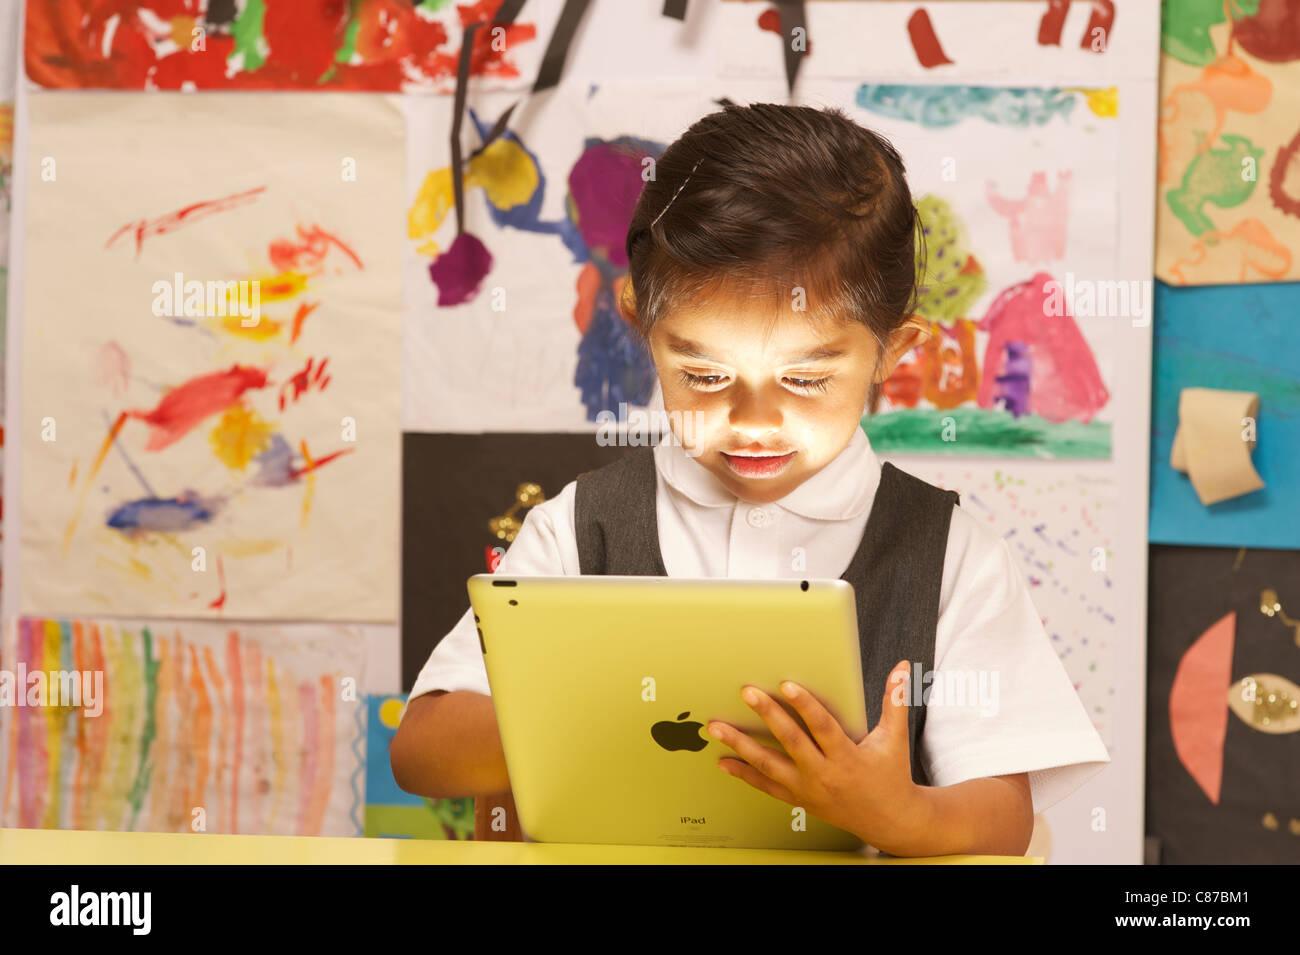 Una joven con ipad 2 Imagen De Stock